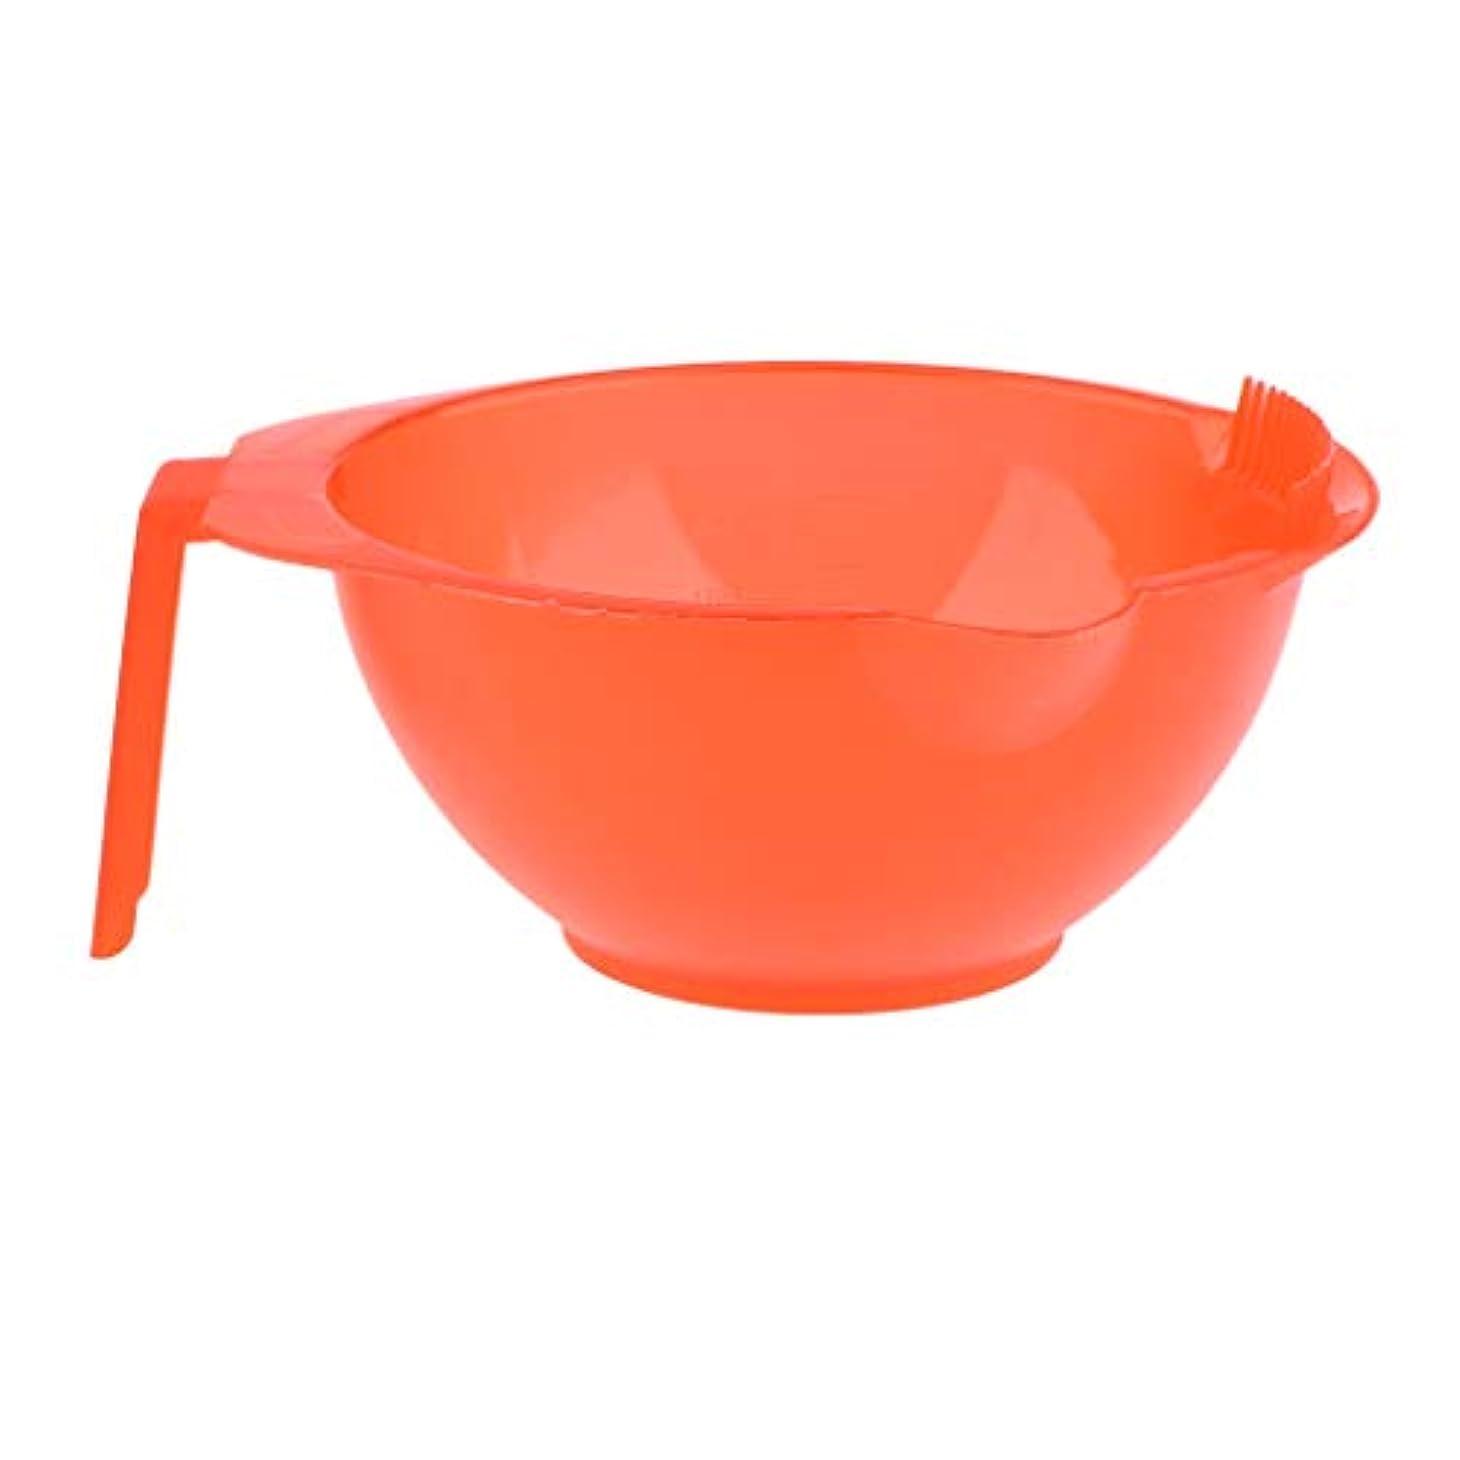 寛解計算する怠惰ヘアカラーボール ヘアサロン ヘアダイミキシングボウル エッジ付き 5色選べ - 赤